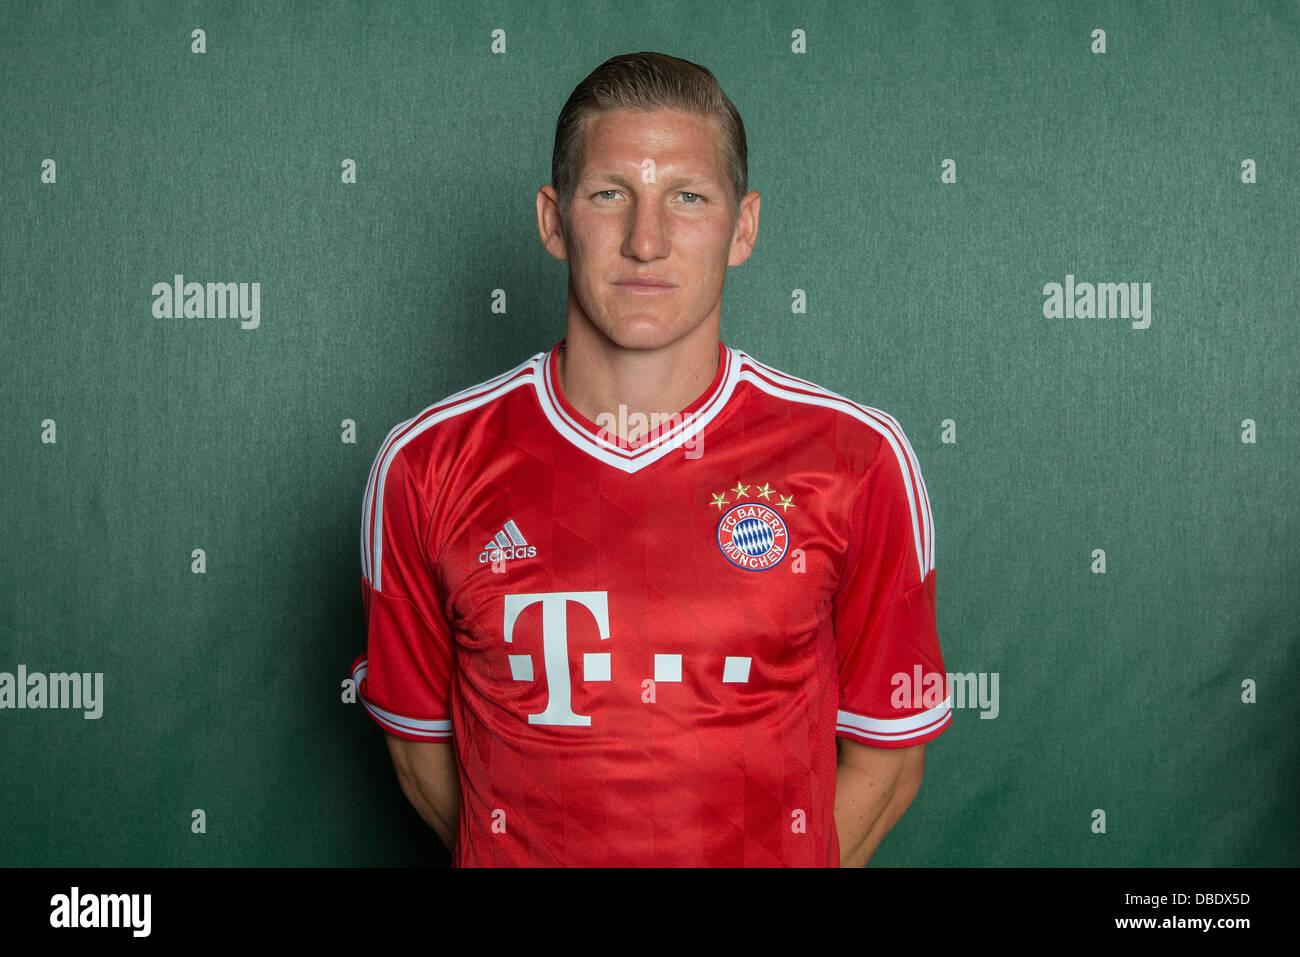 Player Bastian Schweinsteiger of German Bundesliga club FC